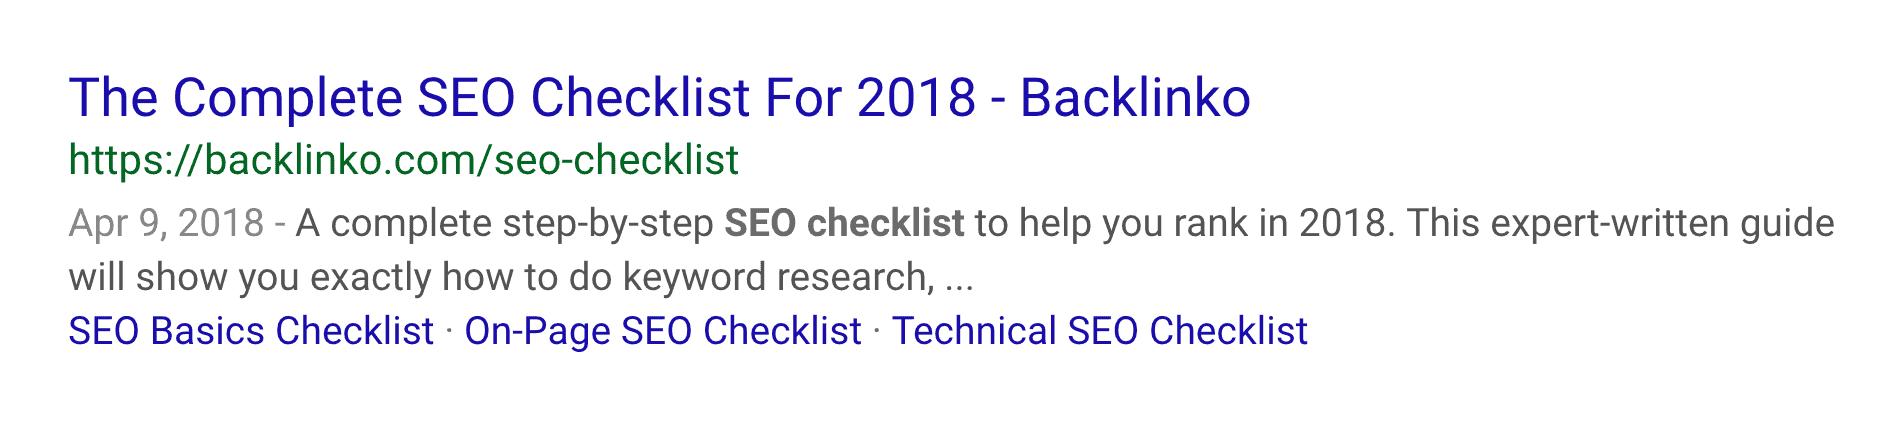 SEO Checklist – Sitelinks in SERPs